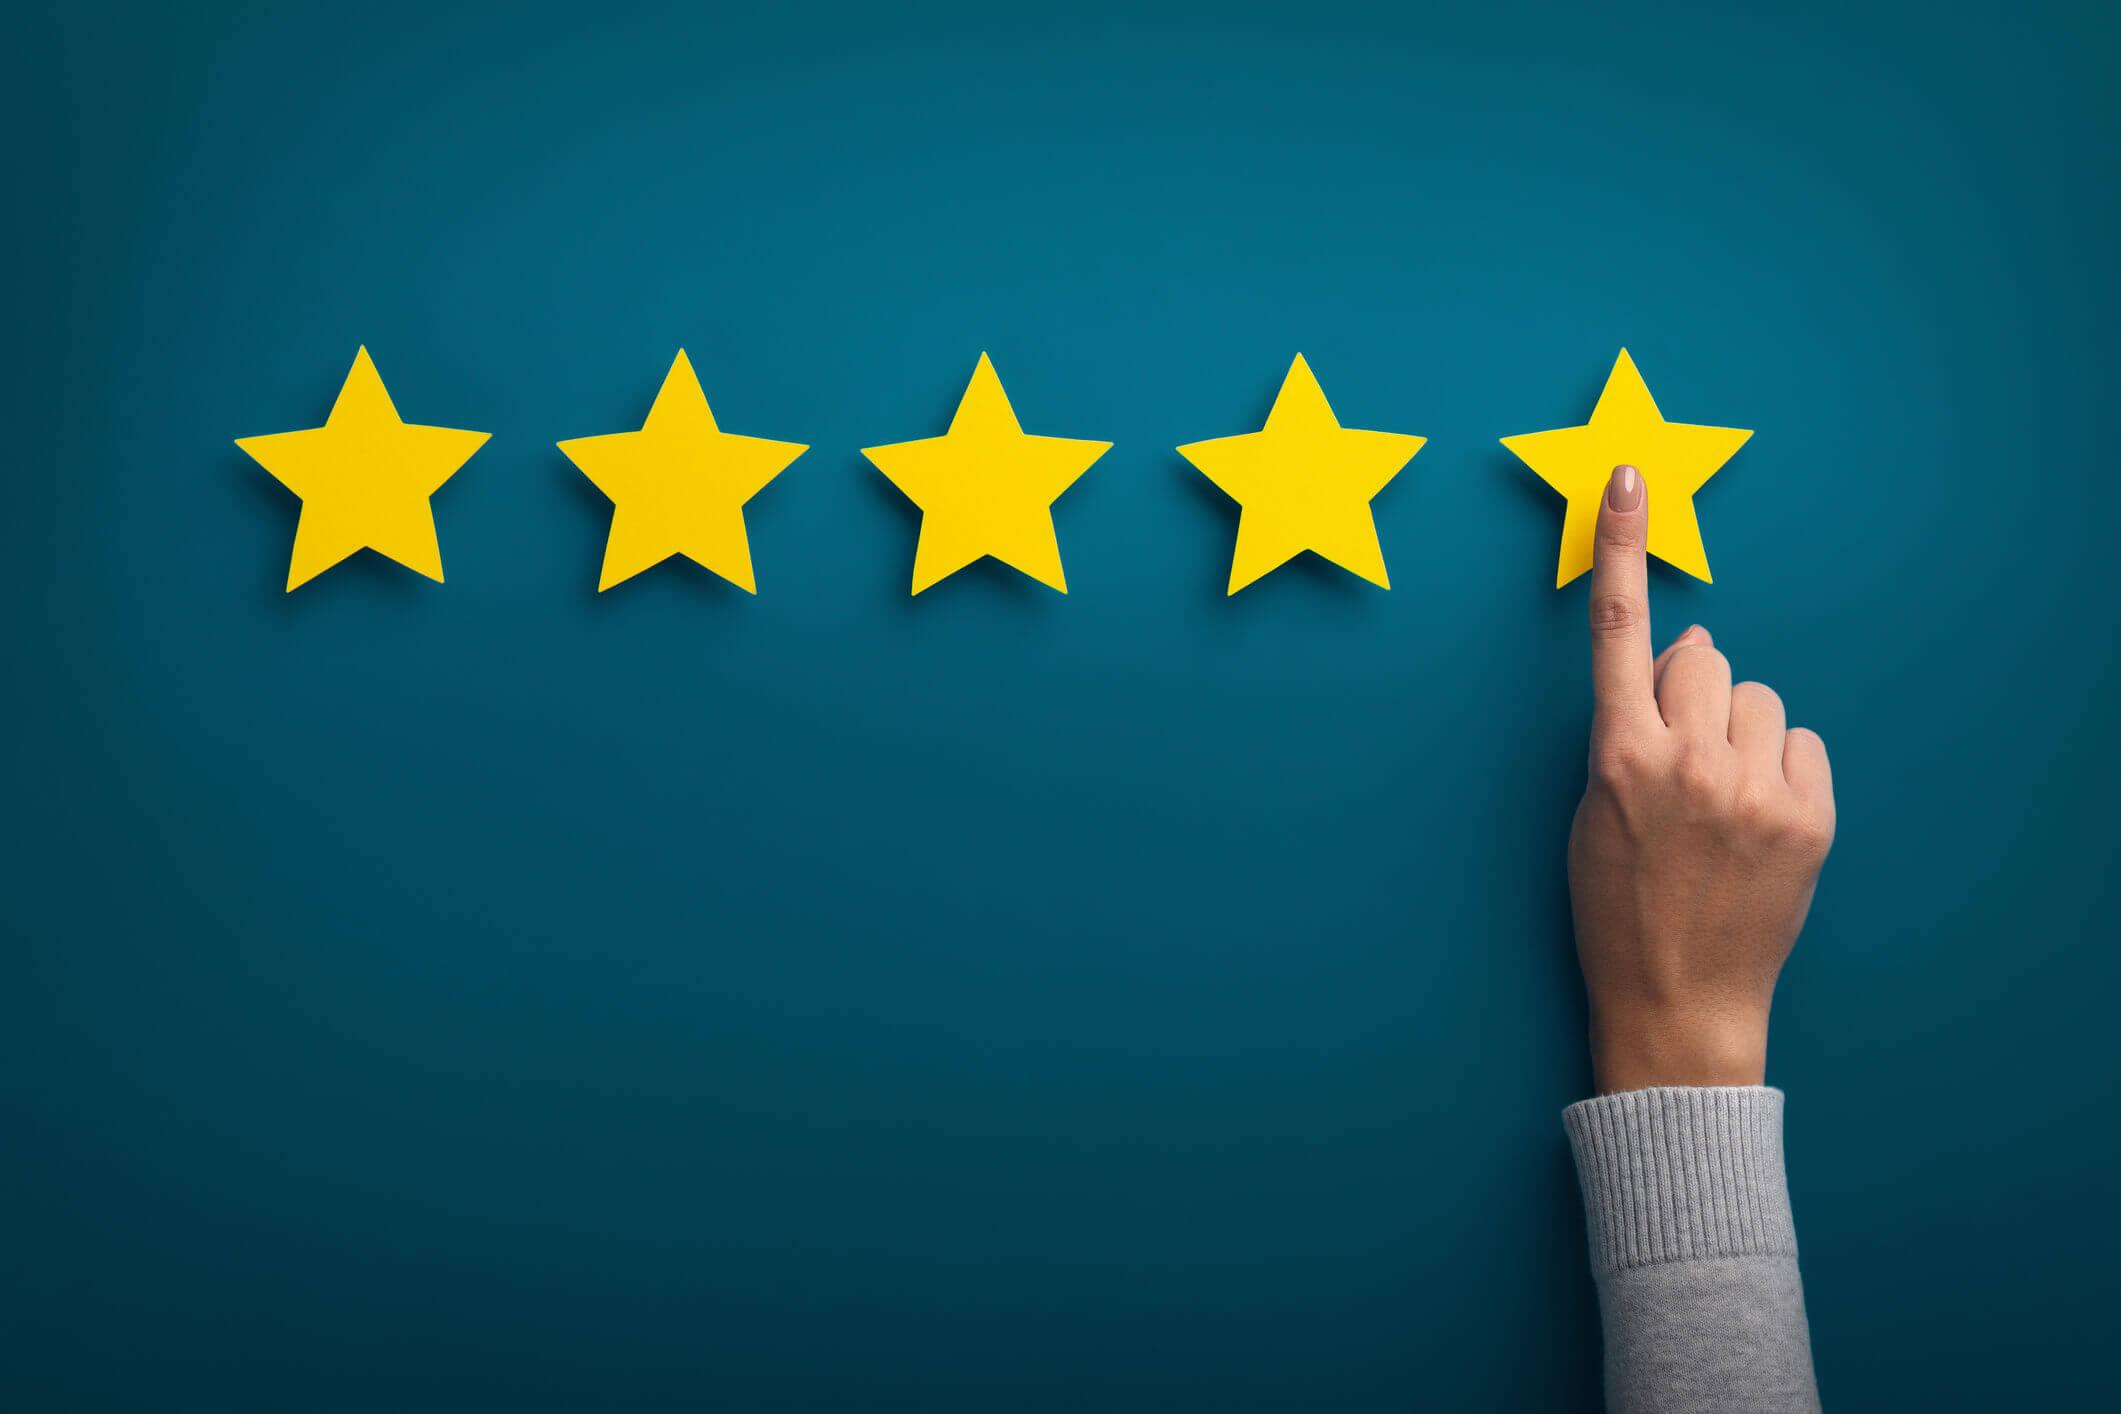 Produktbewertungen: Wie Sie schnell bessere Bewertungen für Ihren Shop sammeln